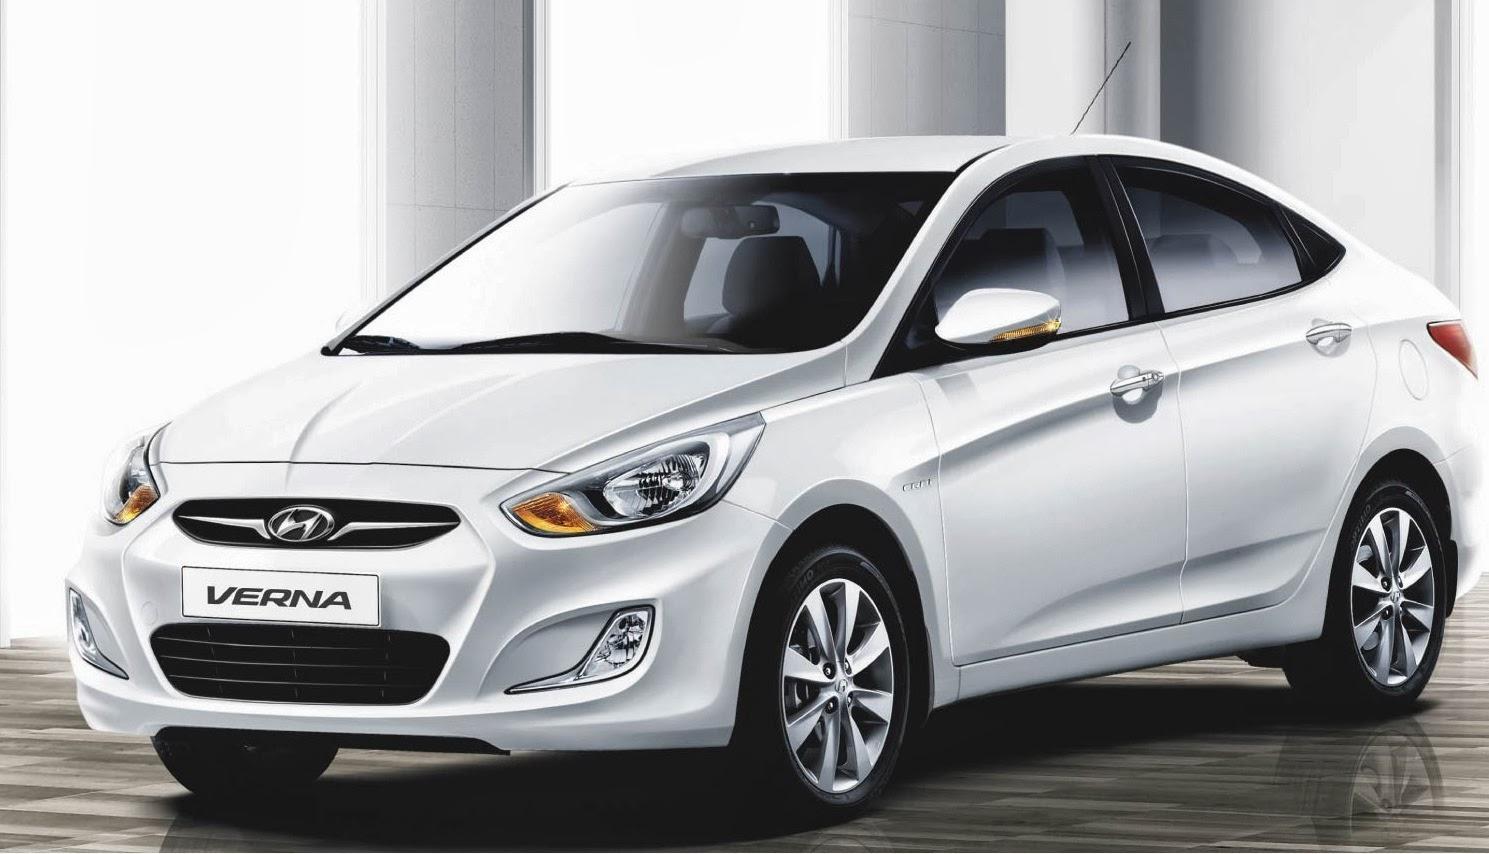 Hyundai fluidic verna jpg